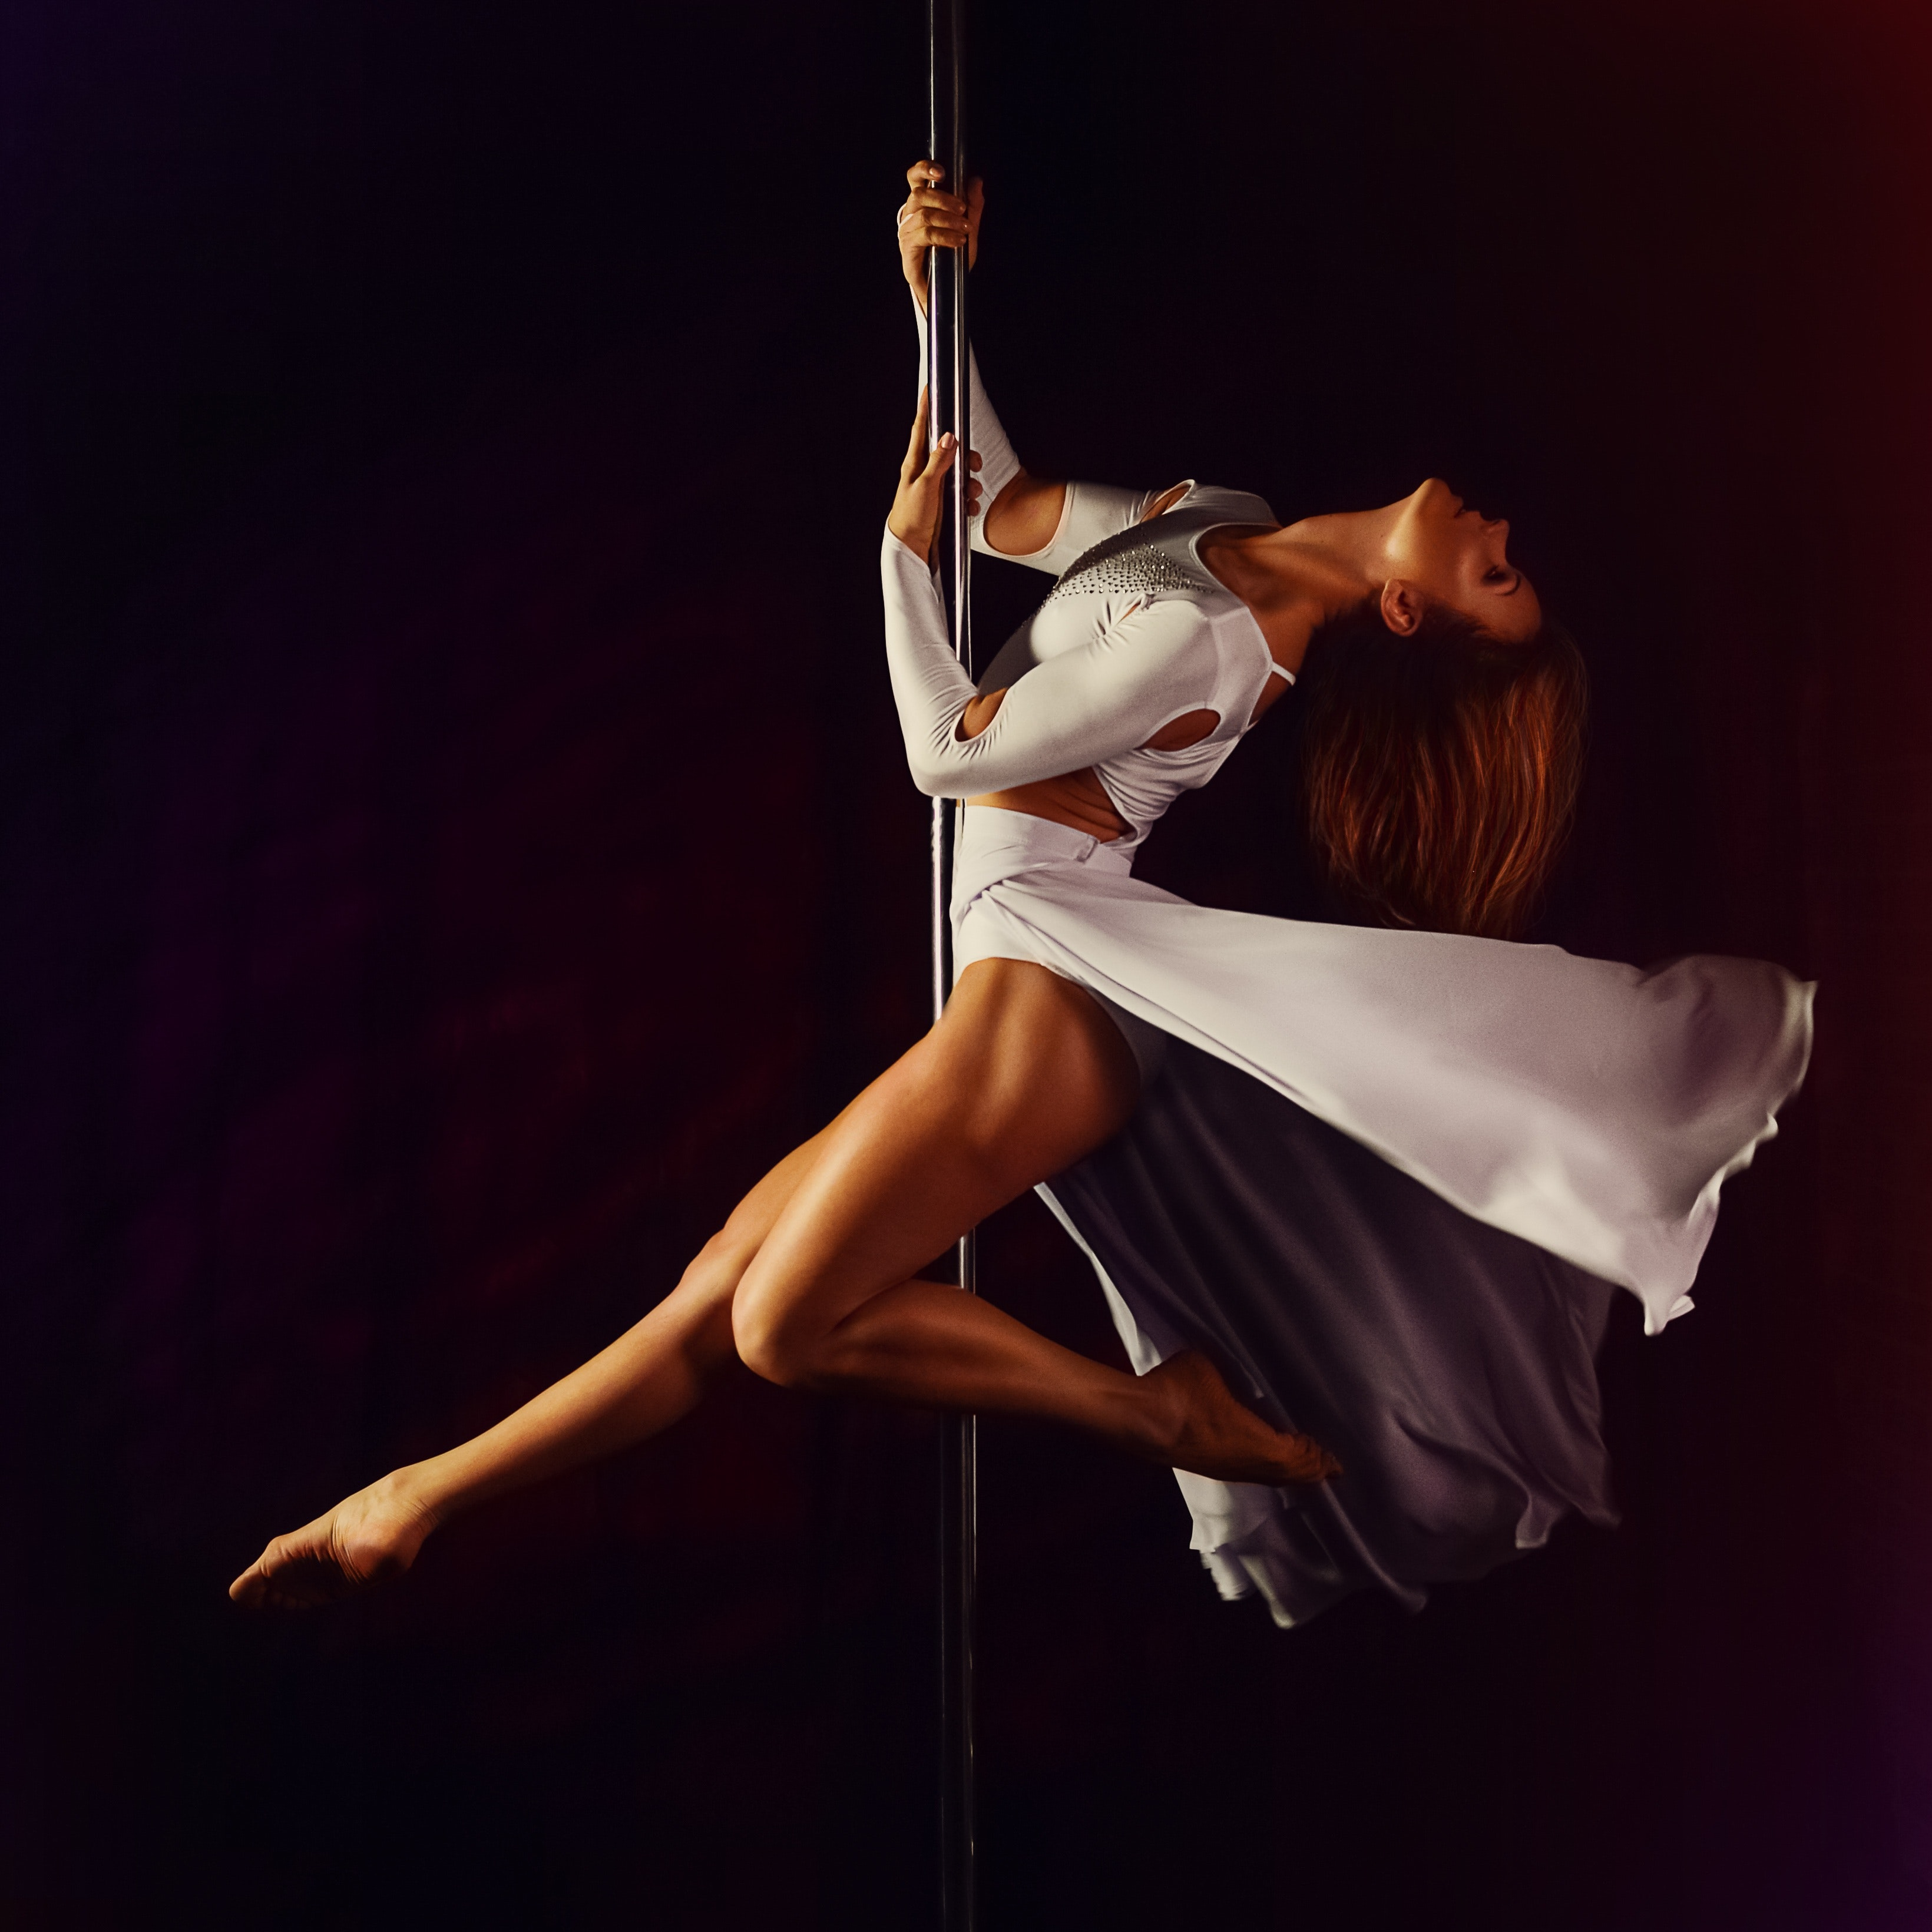 dance-dancer-dancing-163497.jpg